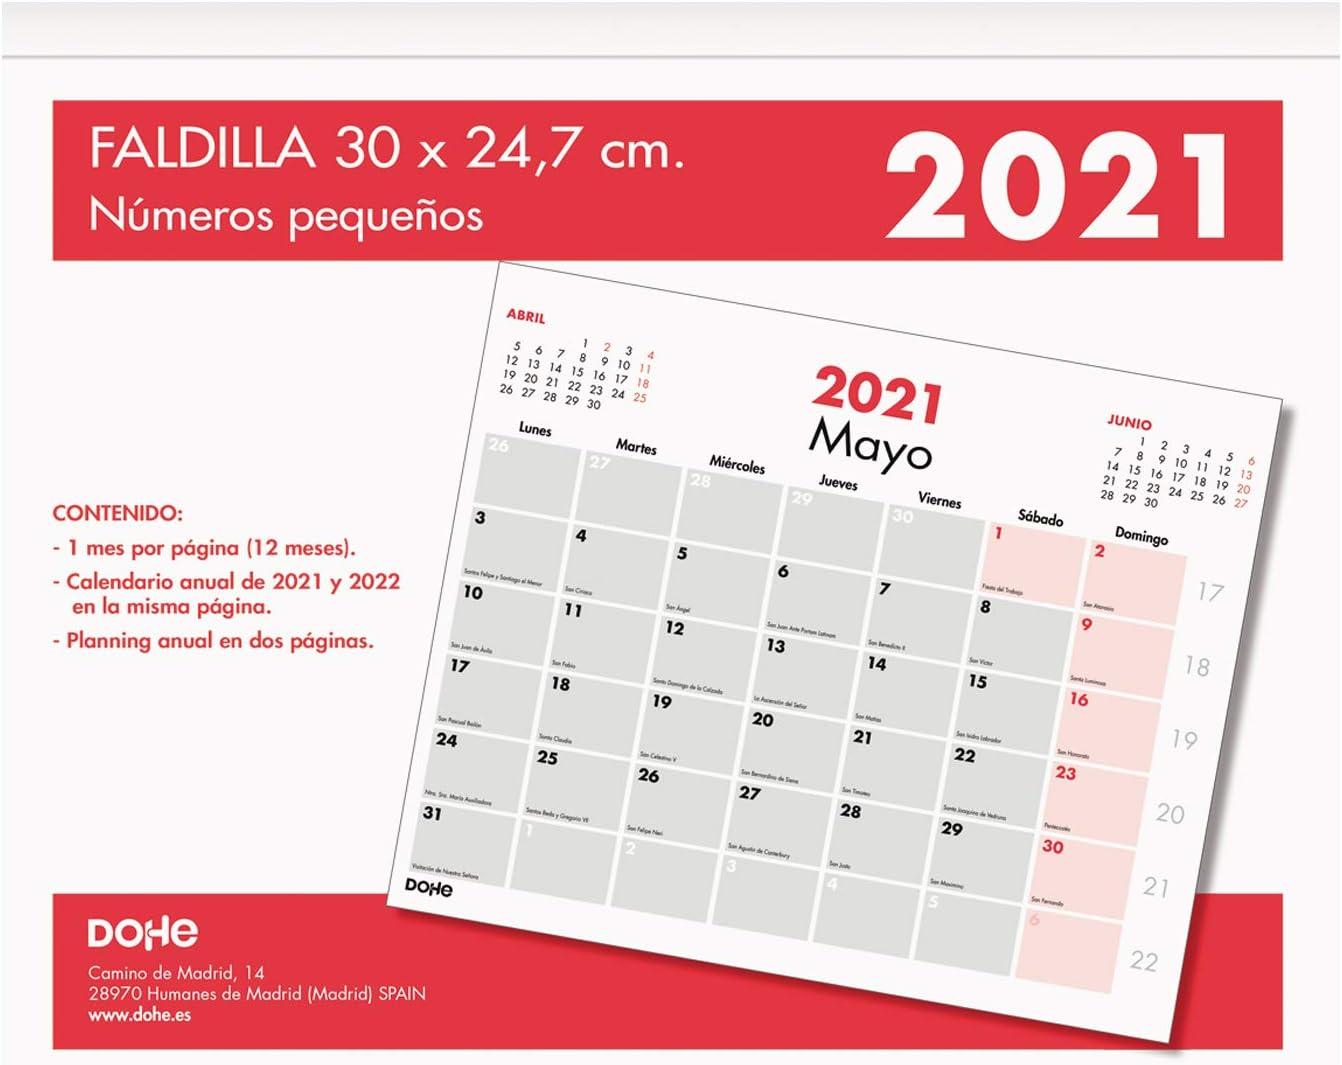 Dohe - Calendario Anual - Calendario Sobremesa - Tamaño 30 x 24,7 cm - Con números pequeños - 32 Páginas: Amazon.es: Oficina y papelería